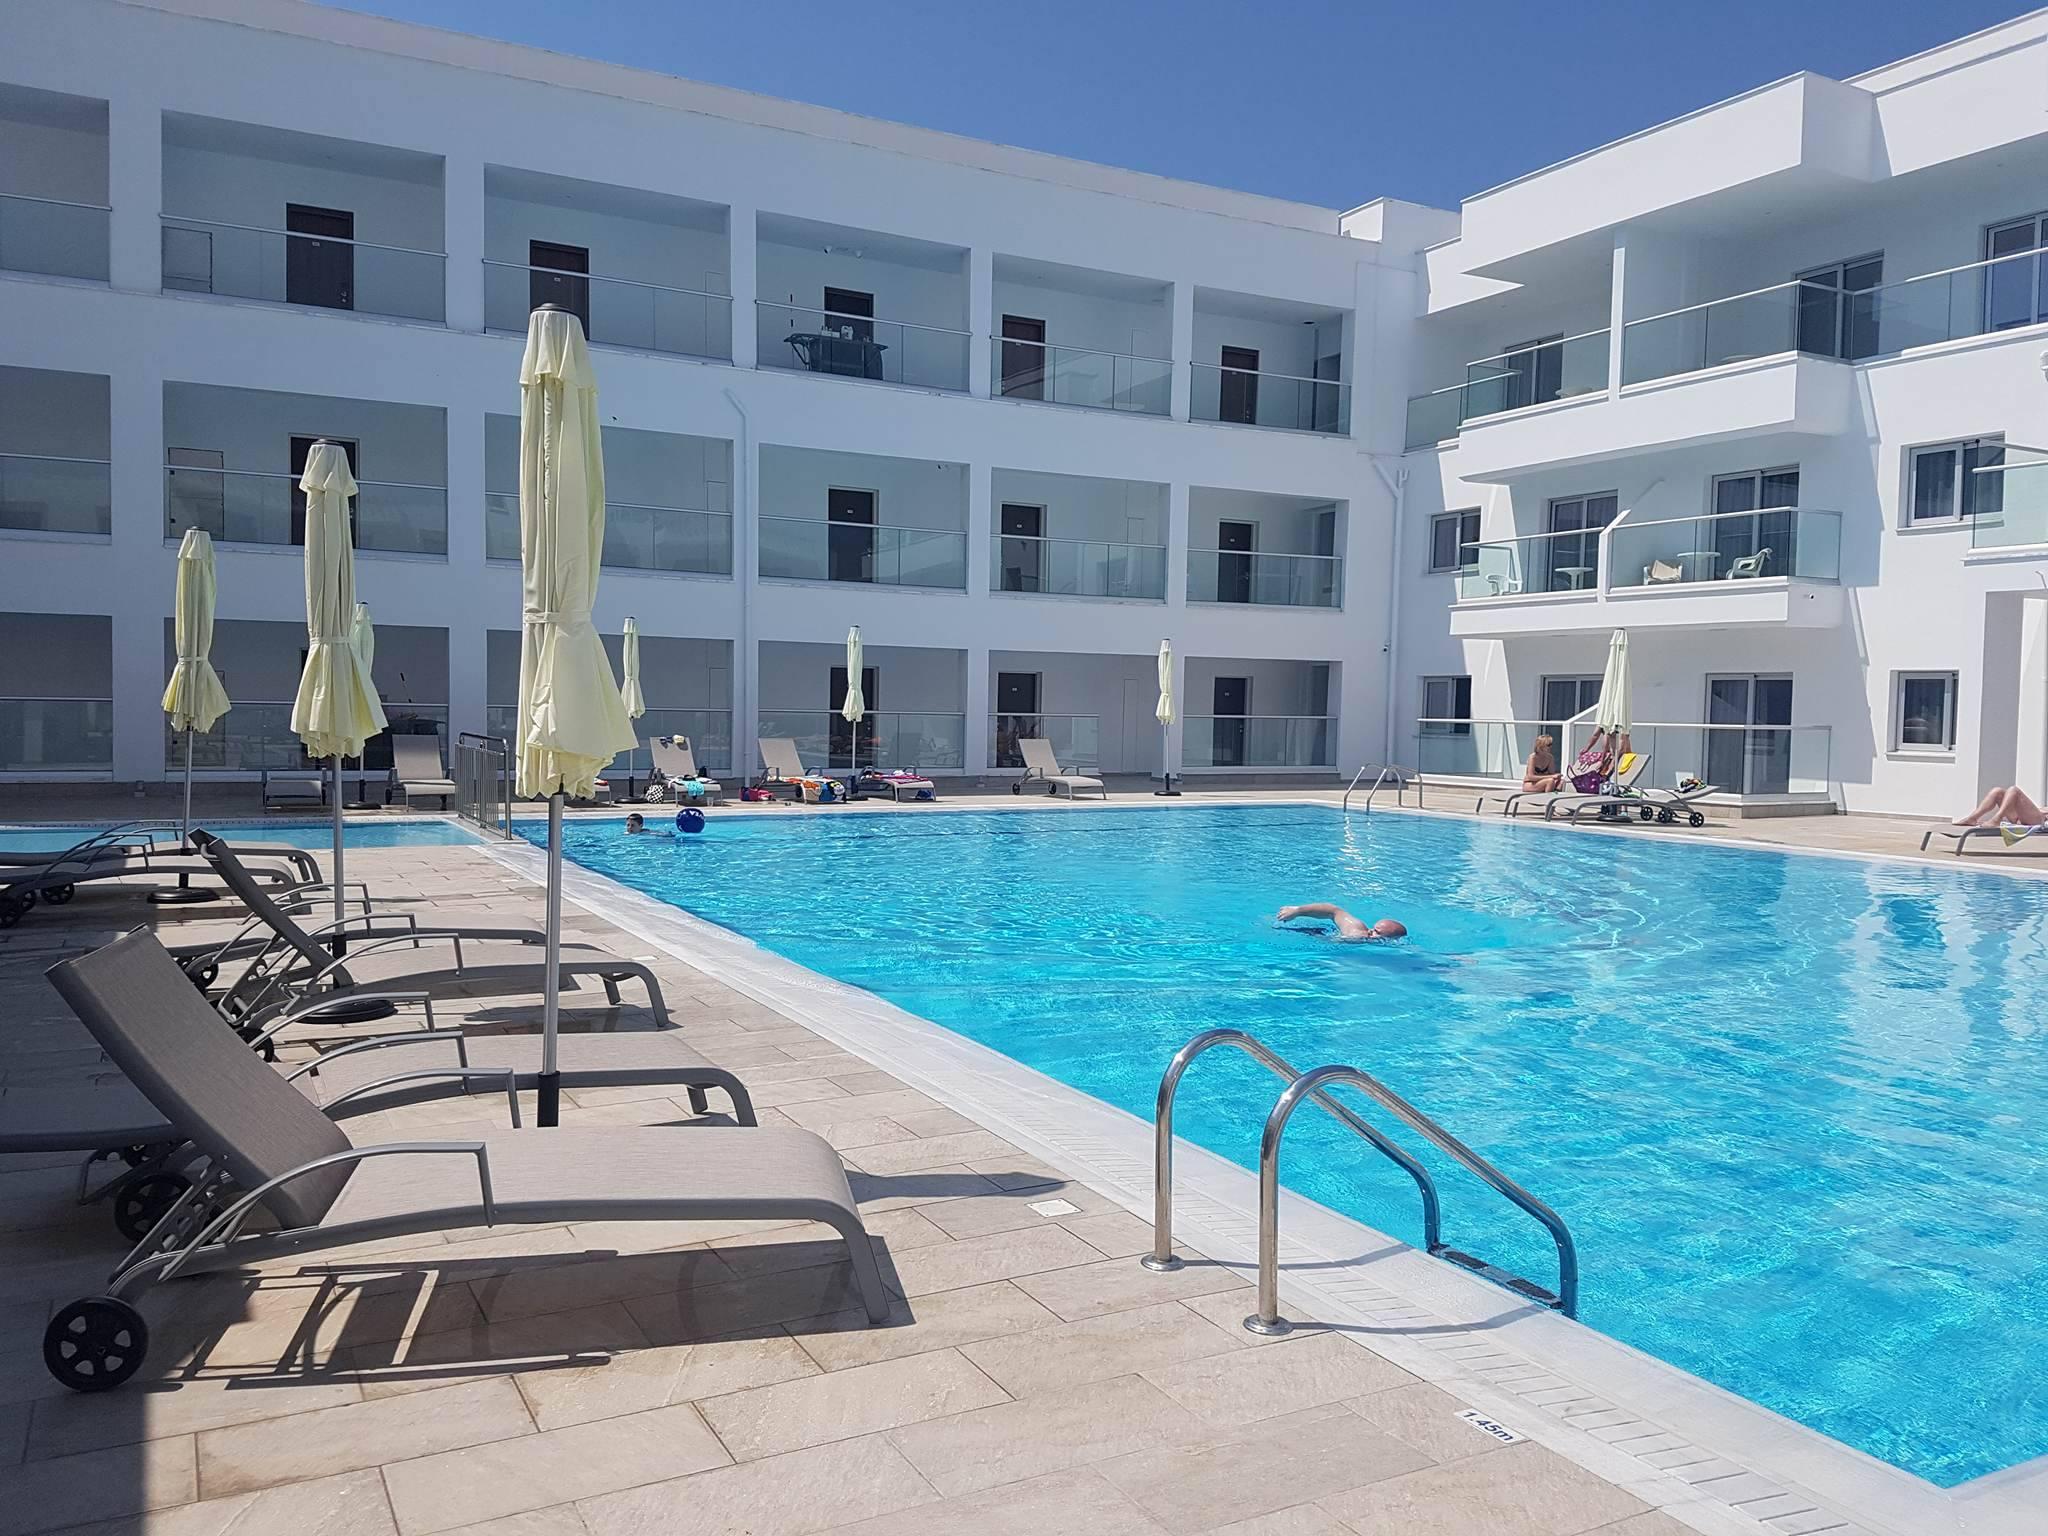 CYPR - LATO 2018: Evabelle Napa Hotel Apartments***, 11 dni (21-31.08.2018 r.), śniadania: 2 + 2